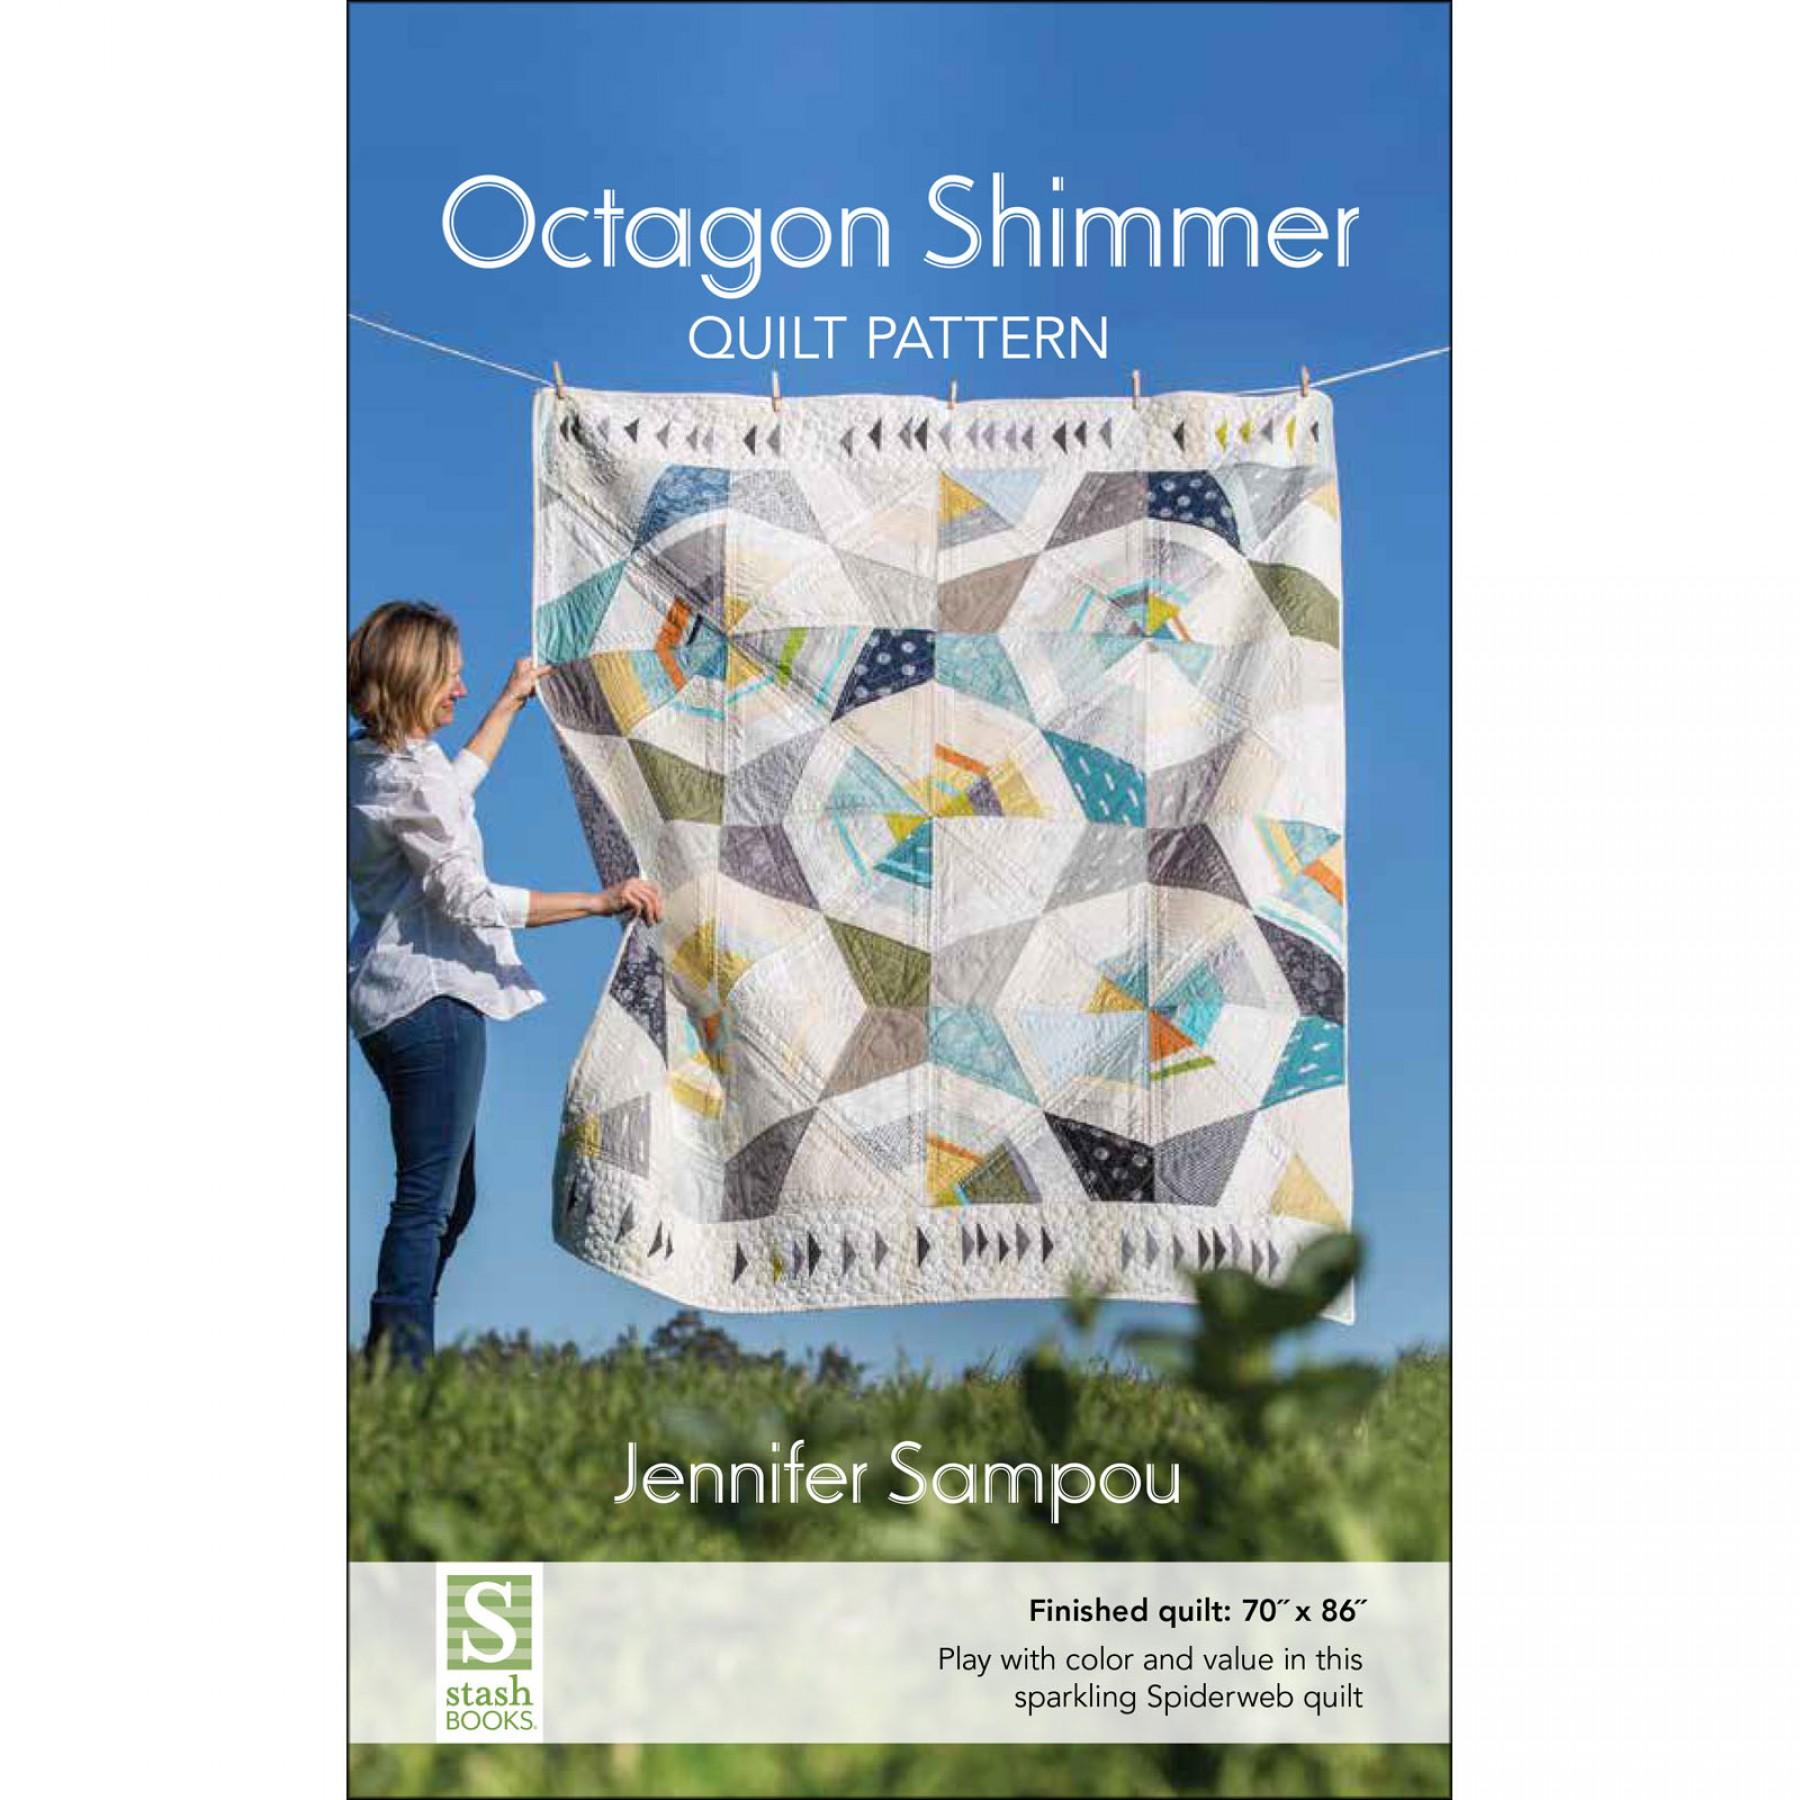 Image result for jennifer sampou octagon shimmer